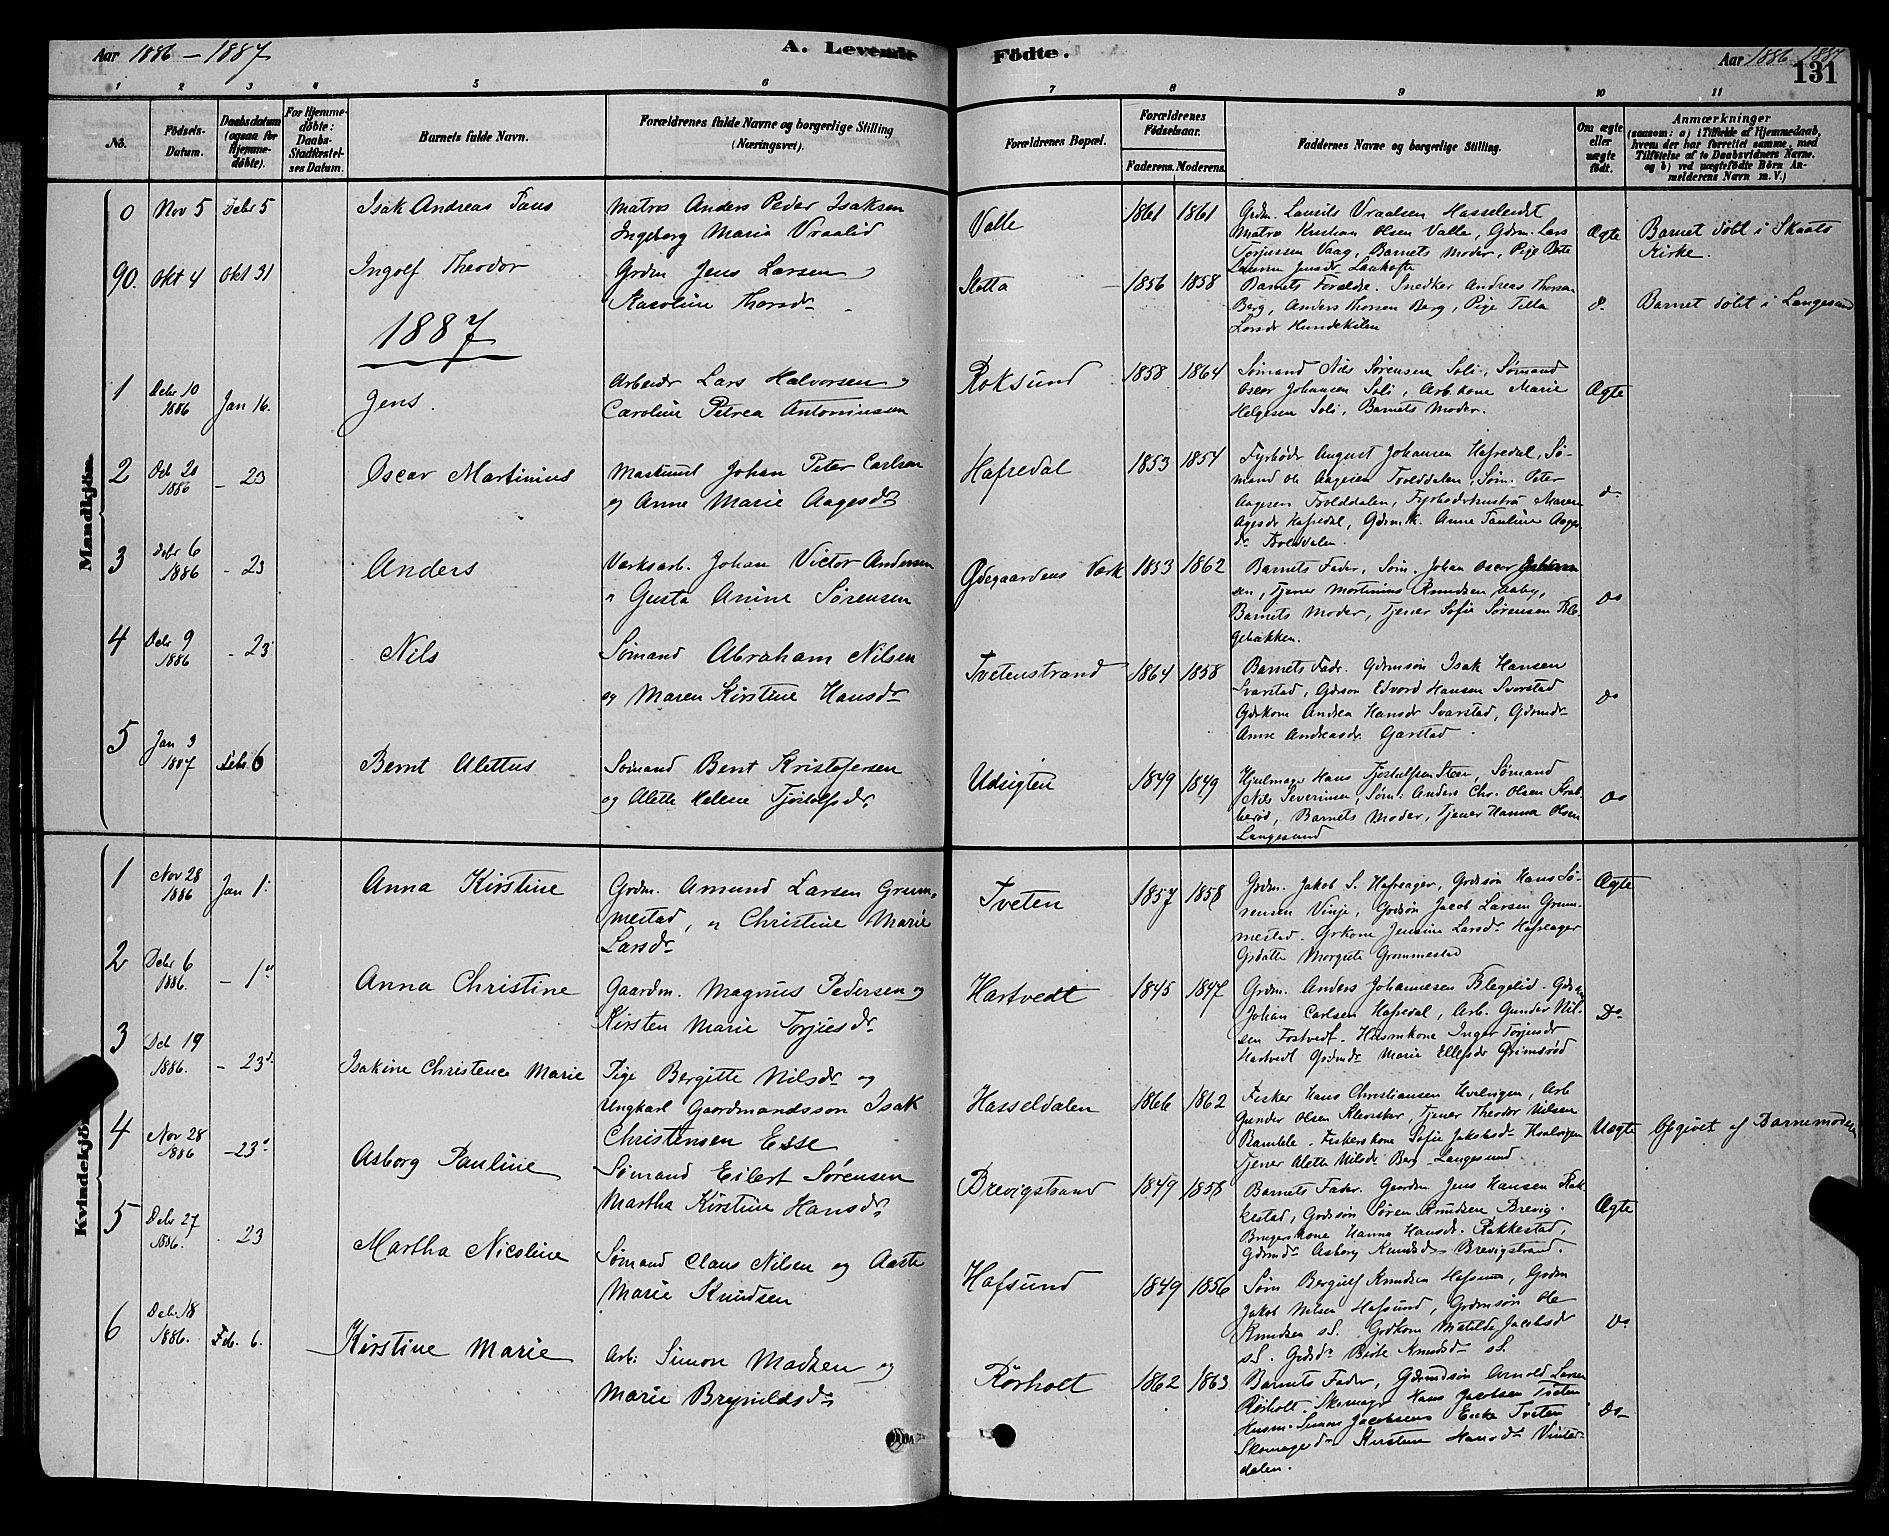 SAKO, Bamble kirkebøker, G/Ga/L0008: Klokkerbok nr. I 8, 1878-1888, s. 131